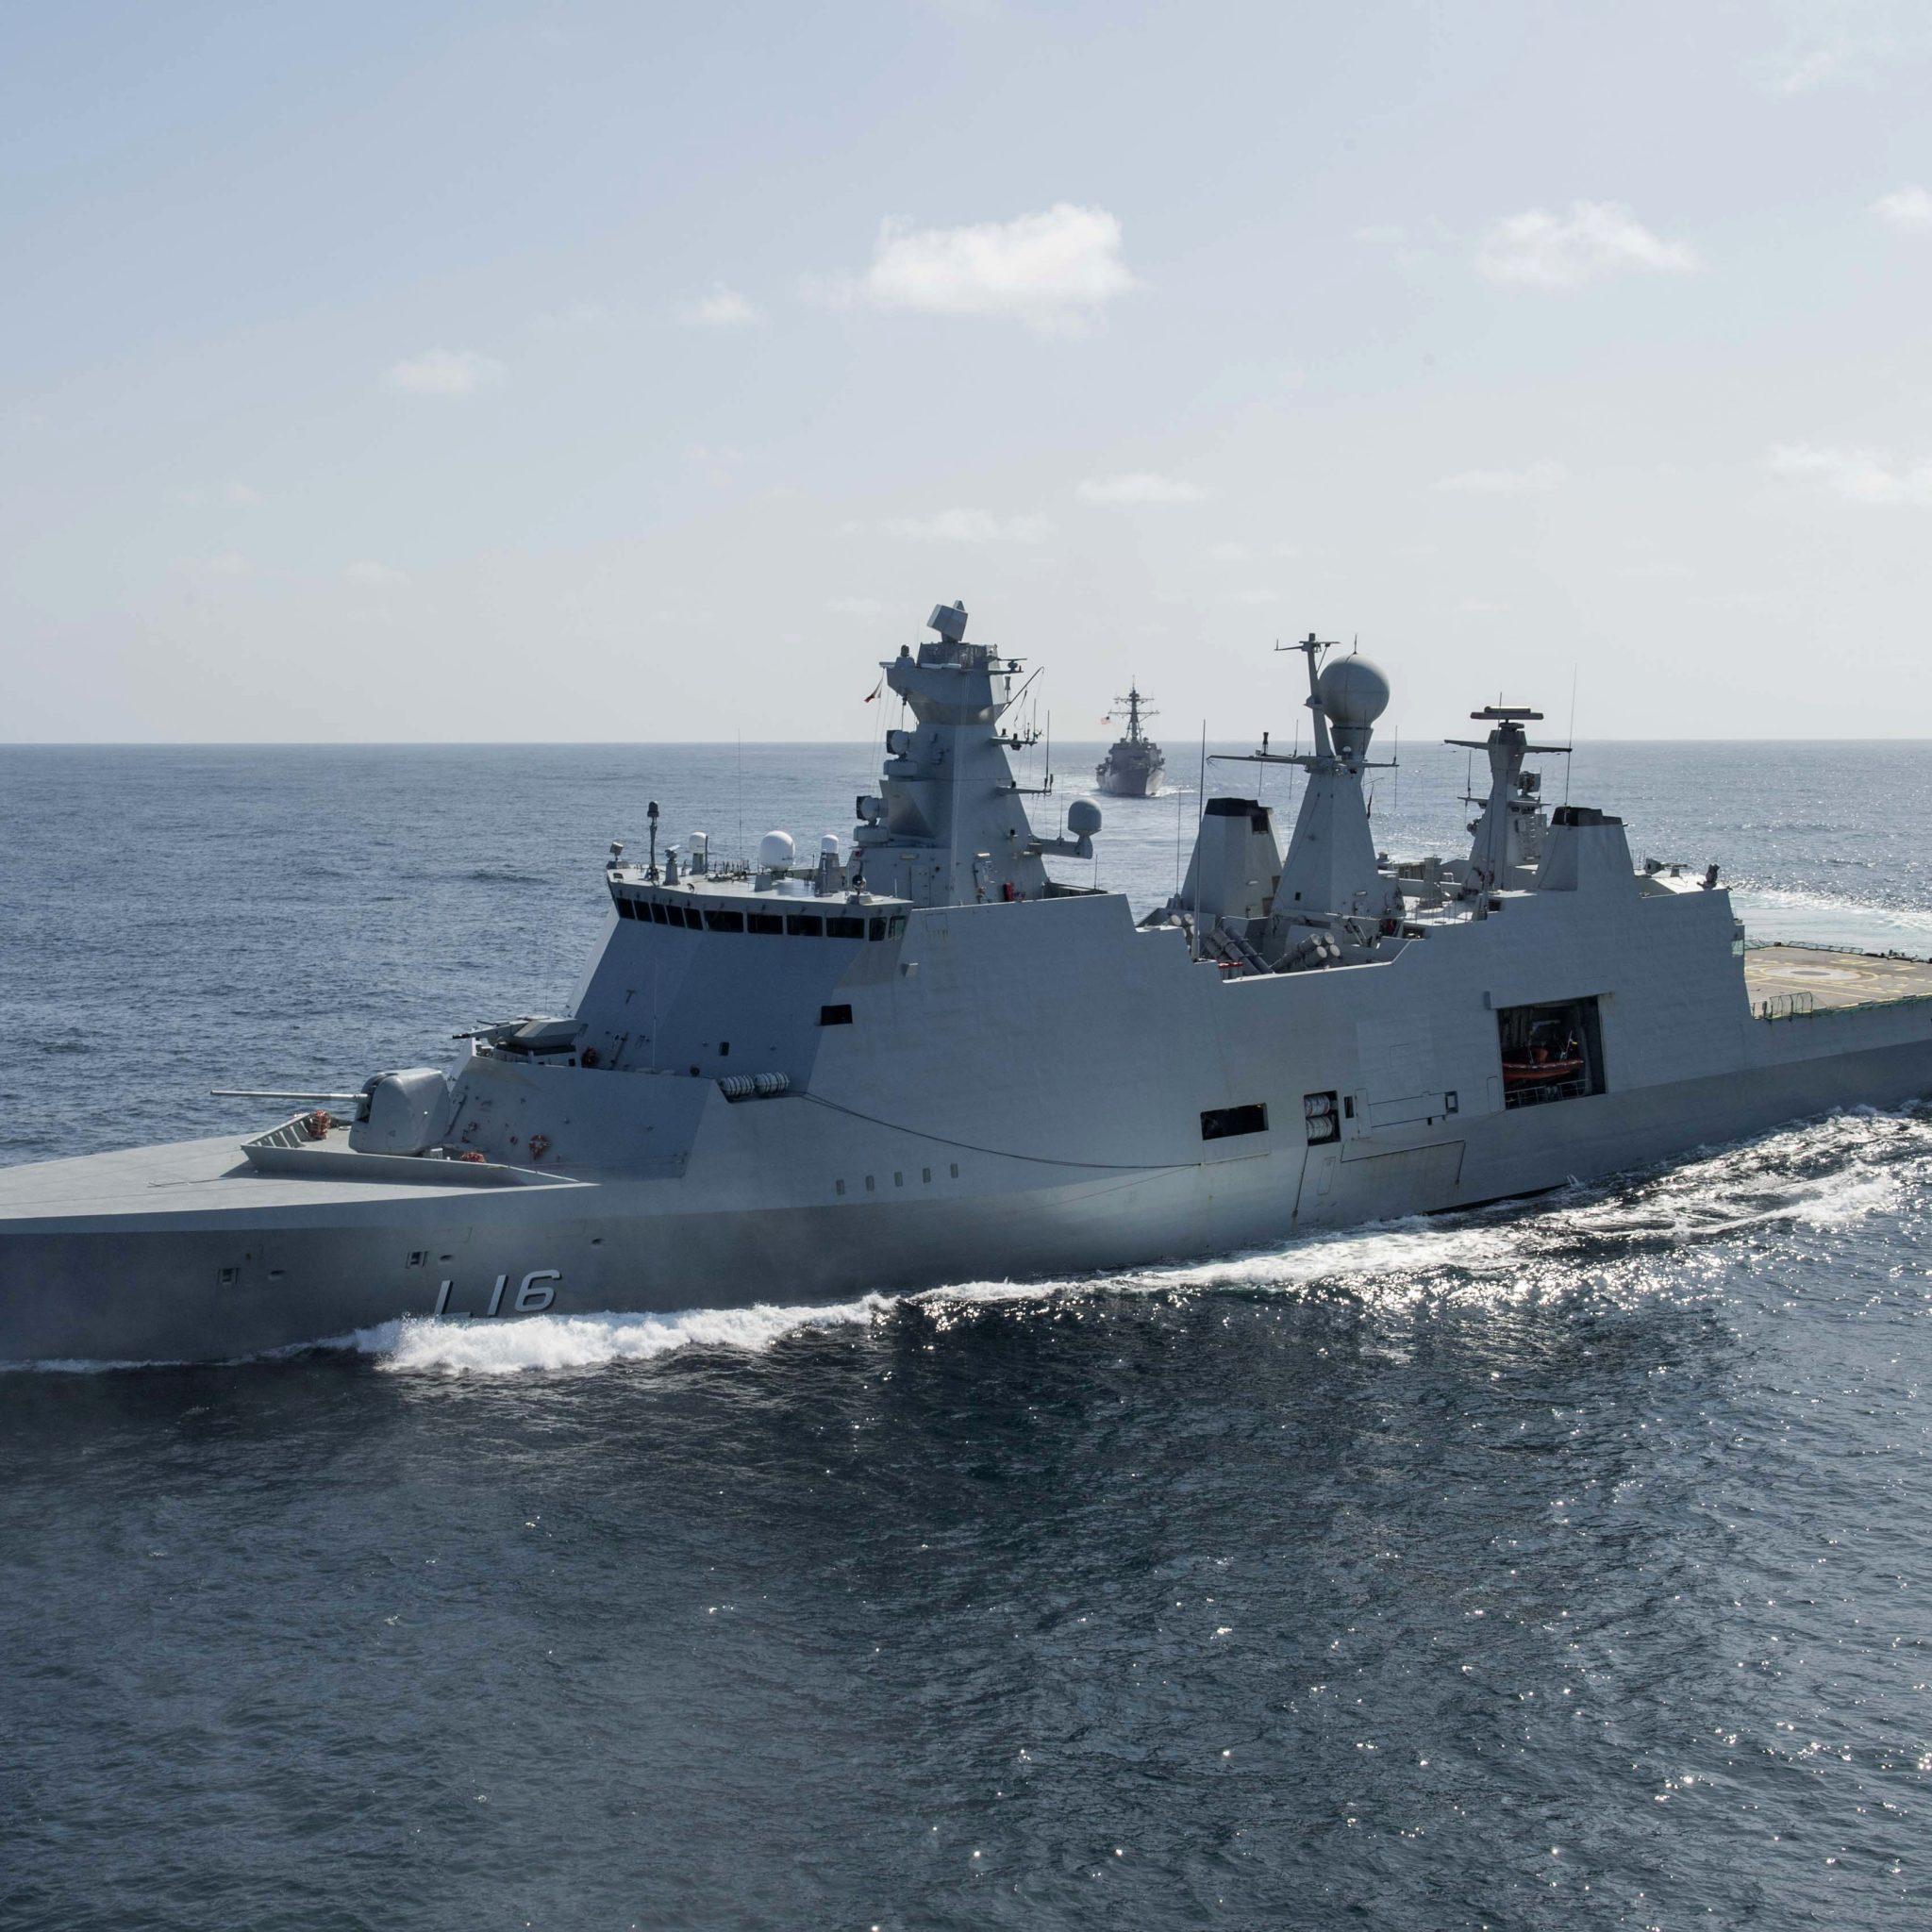 Denemarken is het eerste Europese land dat actie neemt tegen piraterij in de Golf van Guinee. (Foto Wikipedia)